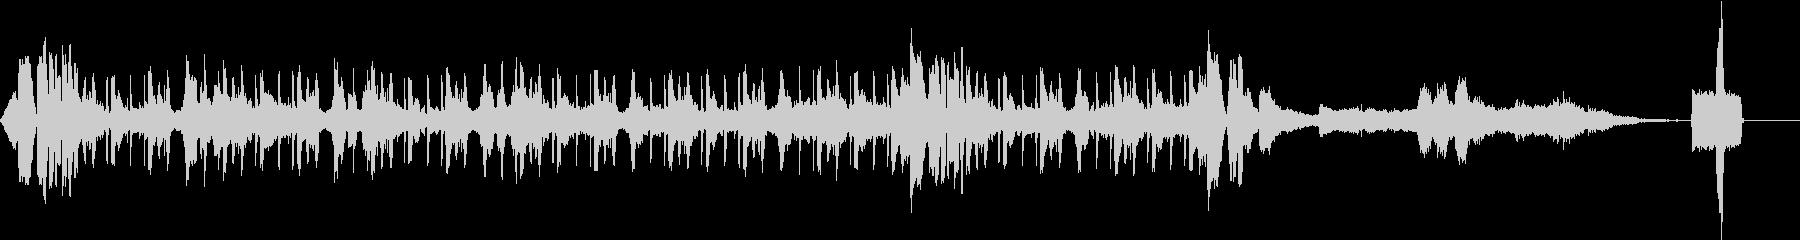 幻想的でテクノチックな曲40秒Ver.の未再生の波形